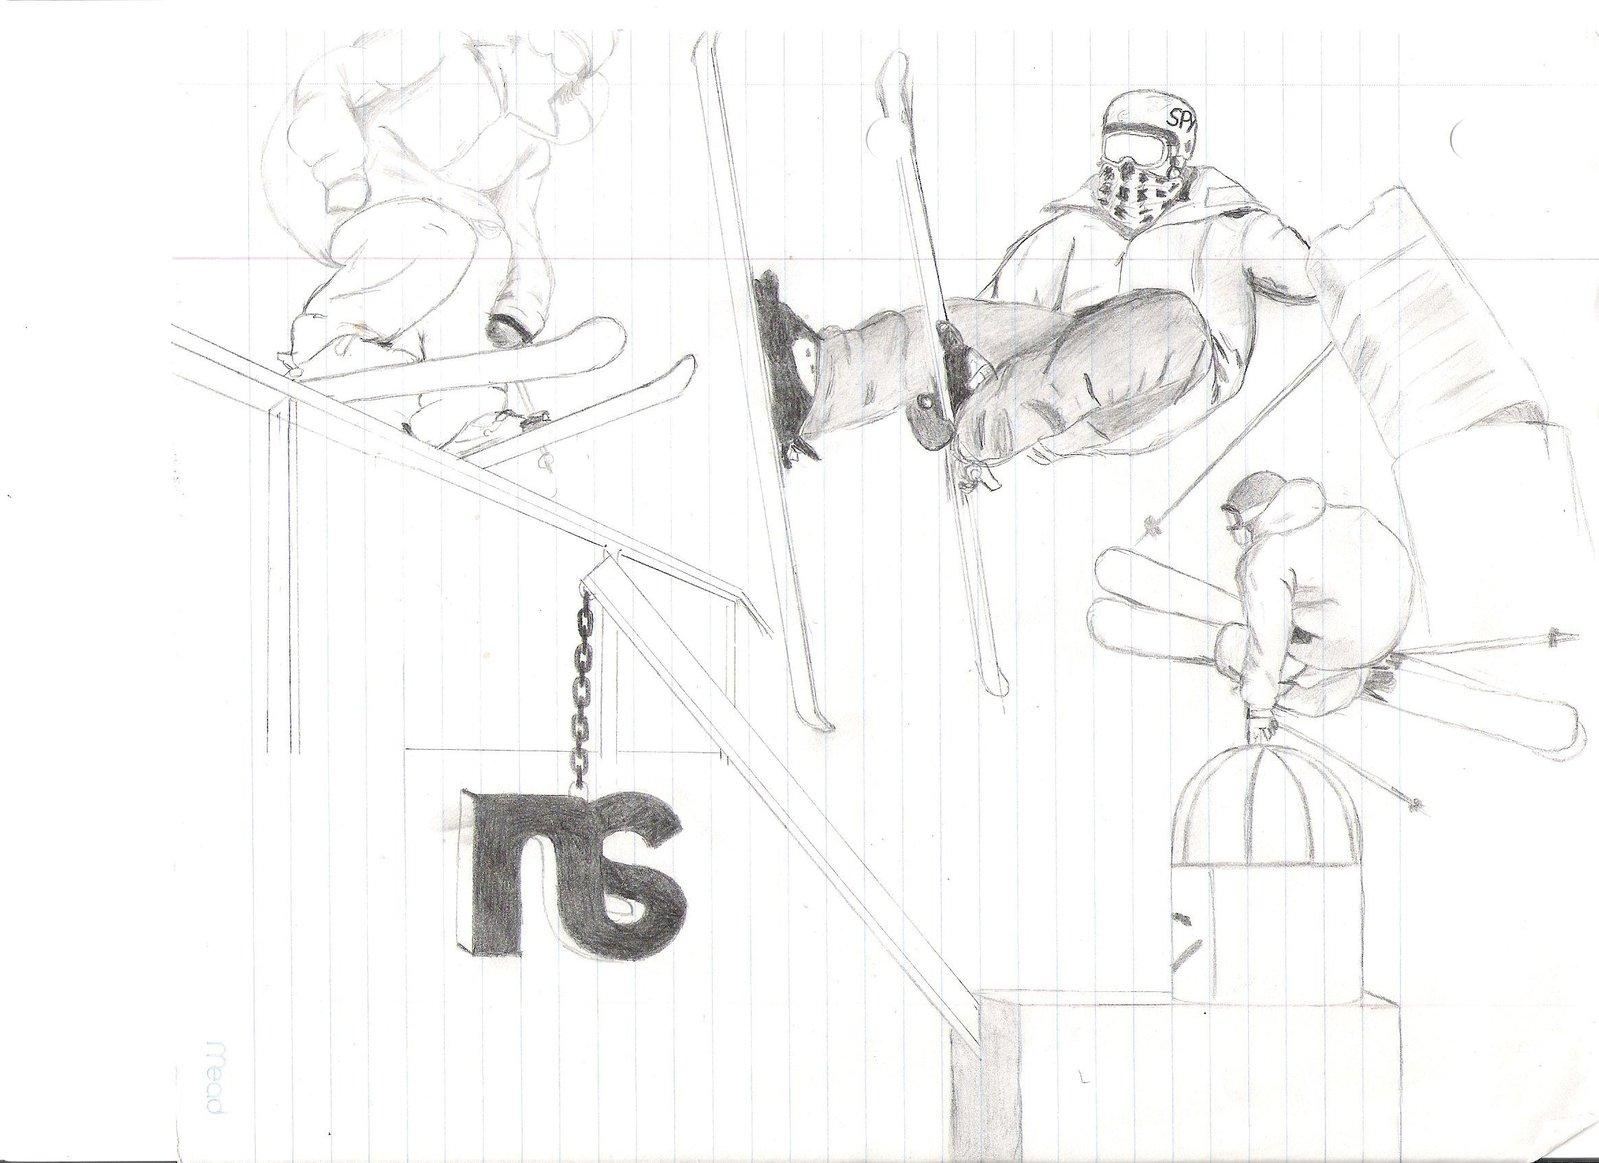 NS drawing